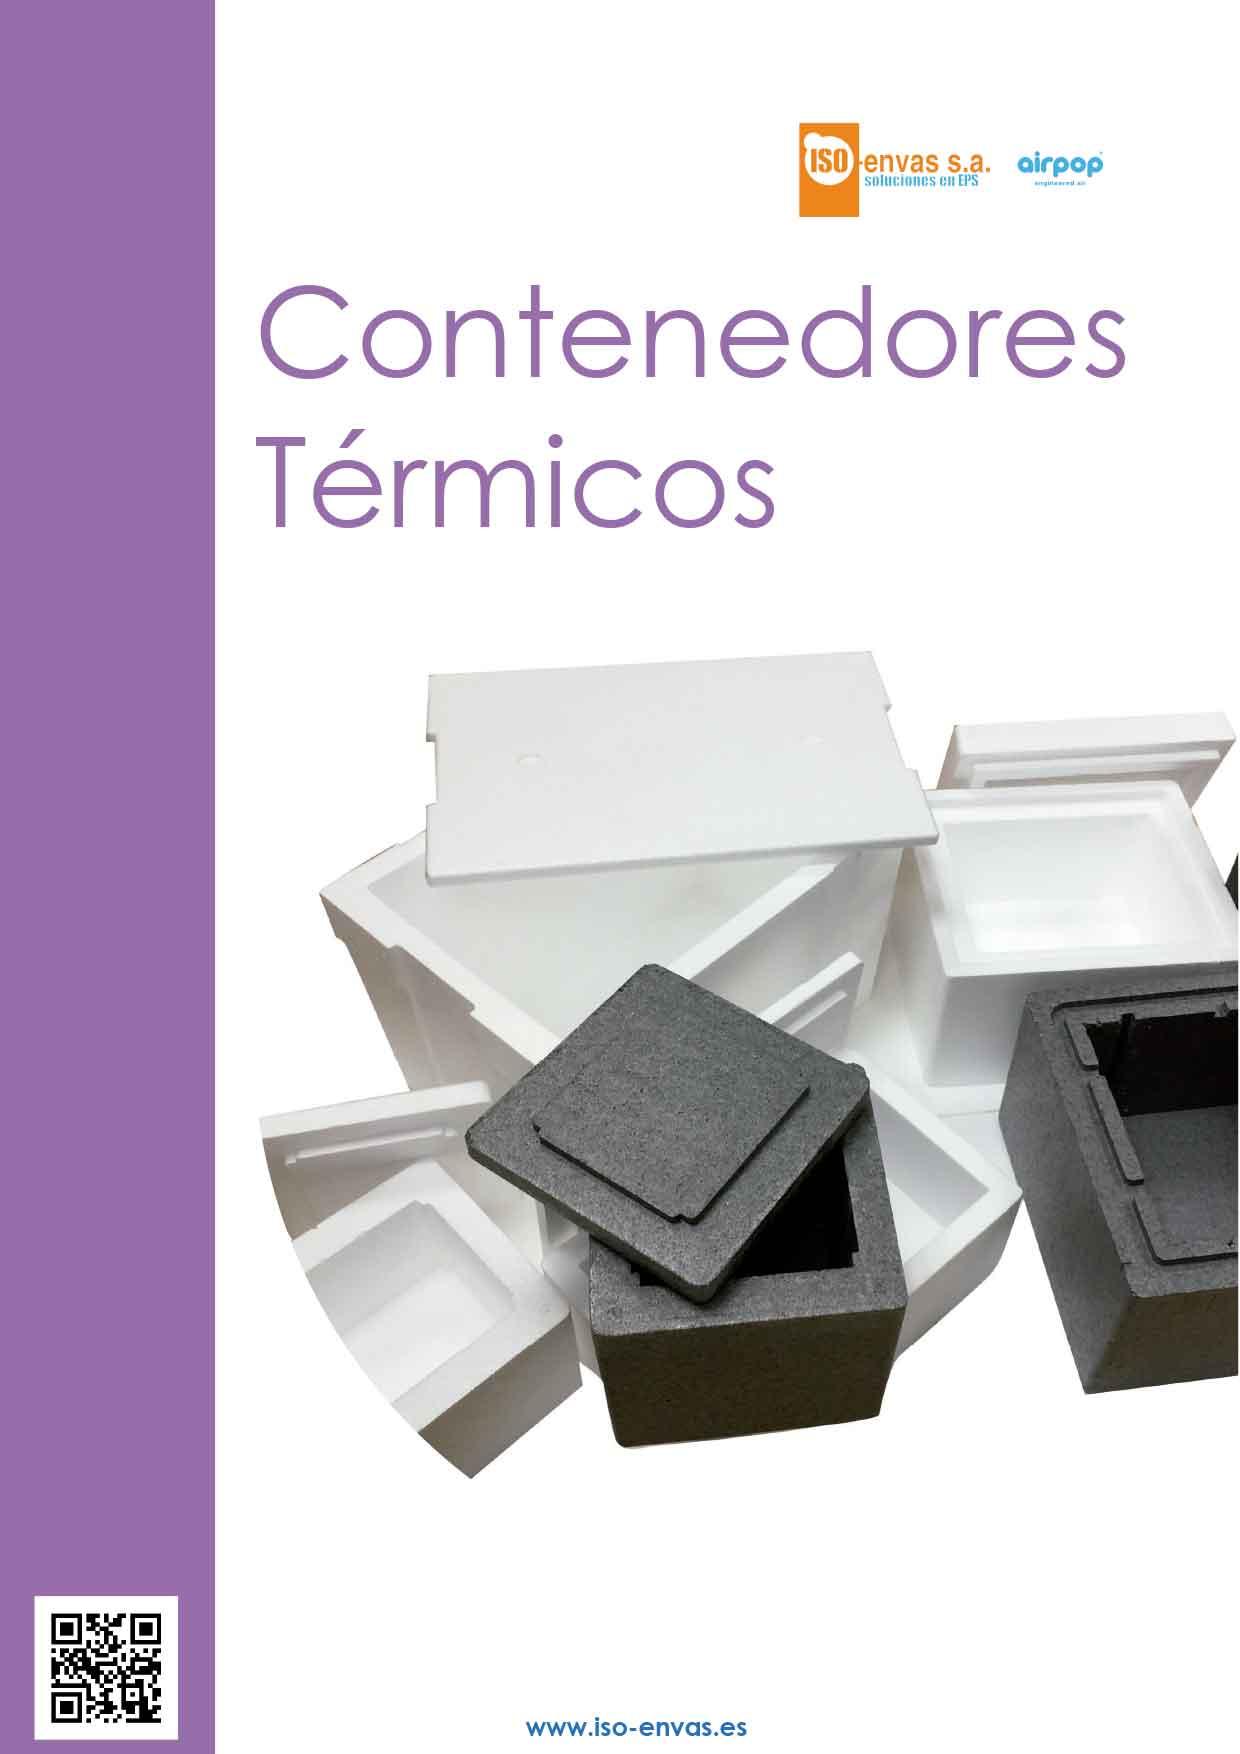 05_CONTENEDORES-TERMICOS-1